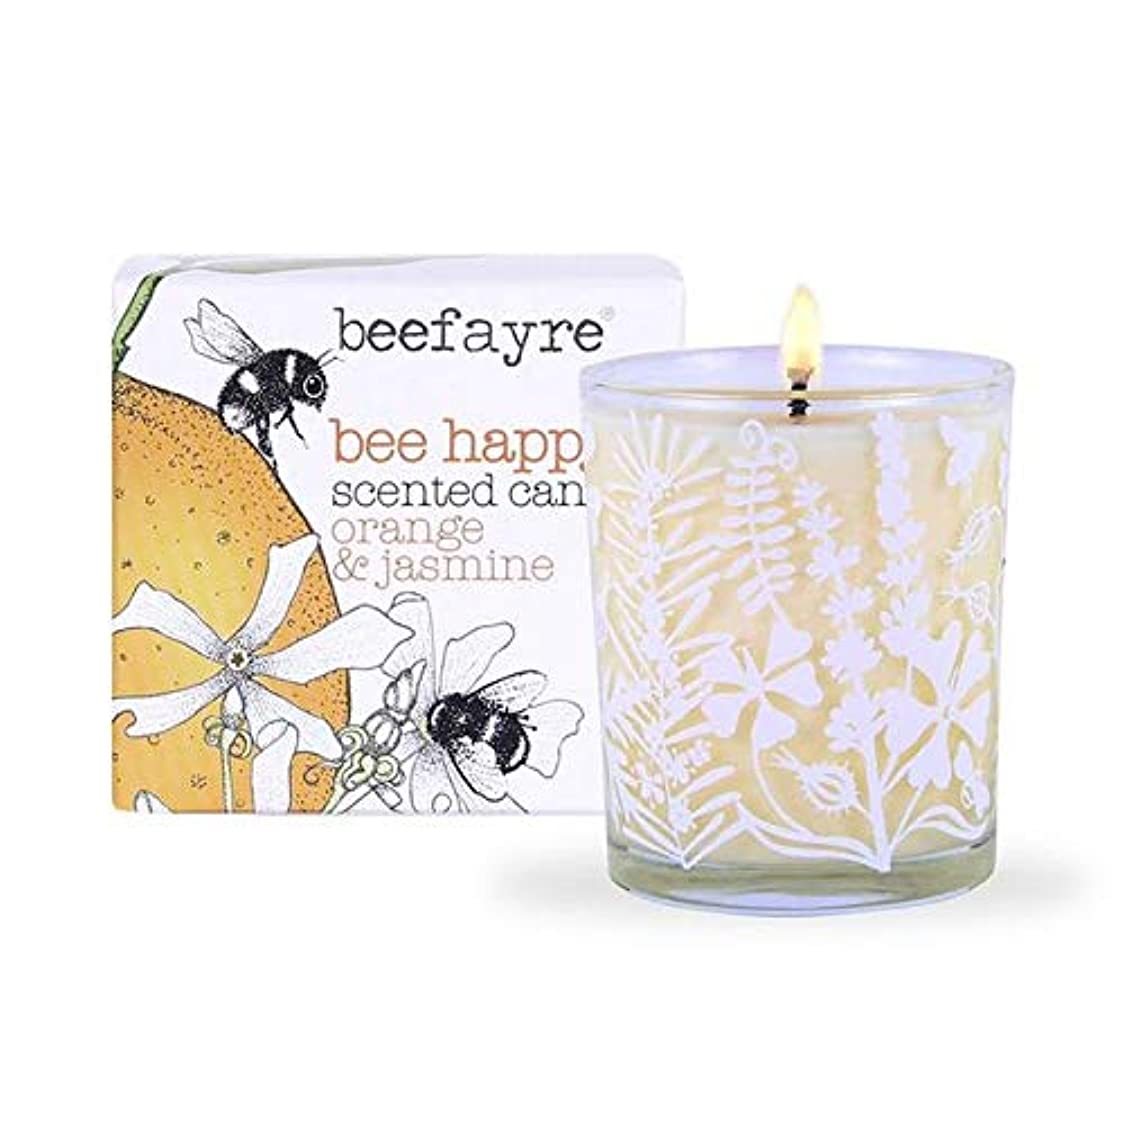 シュリンク指導するドキドキ[Beefayre] オレンジ&ジャスミンの香りのキャンドル9Cl Beefayre - Beefayre Orange & Jasmine Scented Candle 9cl [並行輸入品]